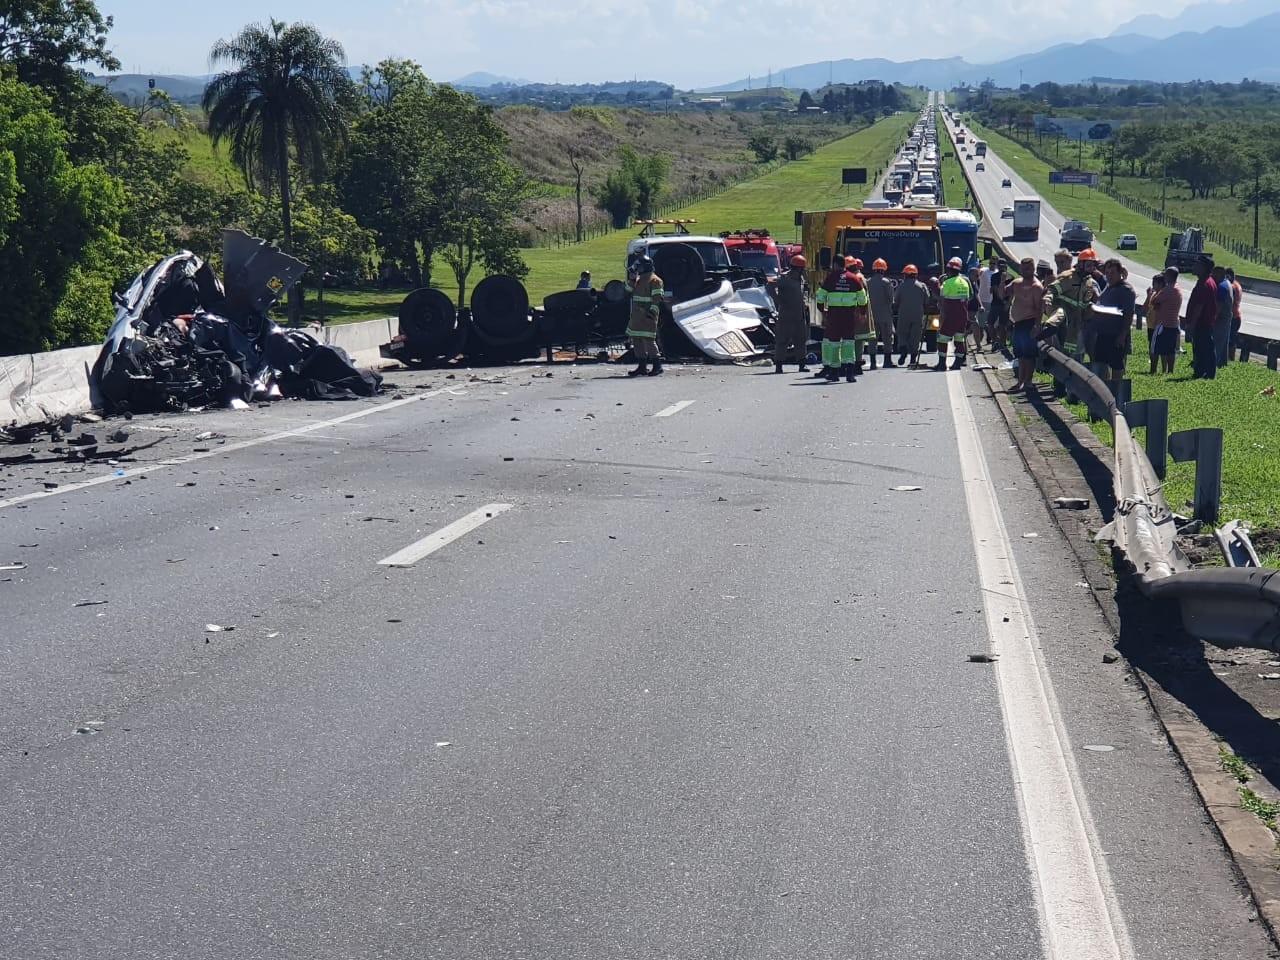 Identificadas vítimas que morreram em grave acidente entre carro e carreta na Via Dutra, em Porto Real - Notícias - Plantão Diário